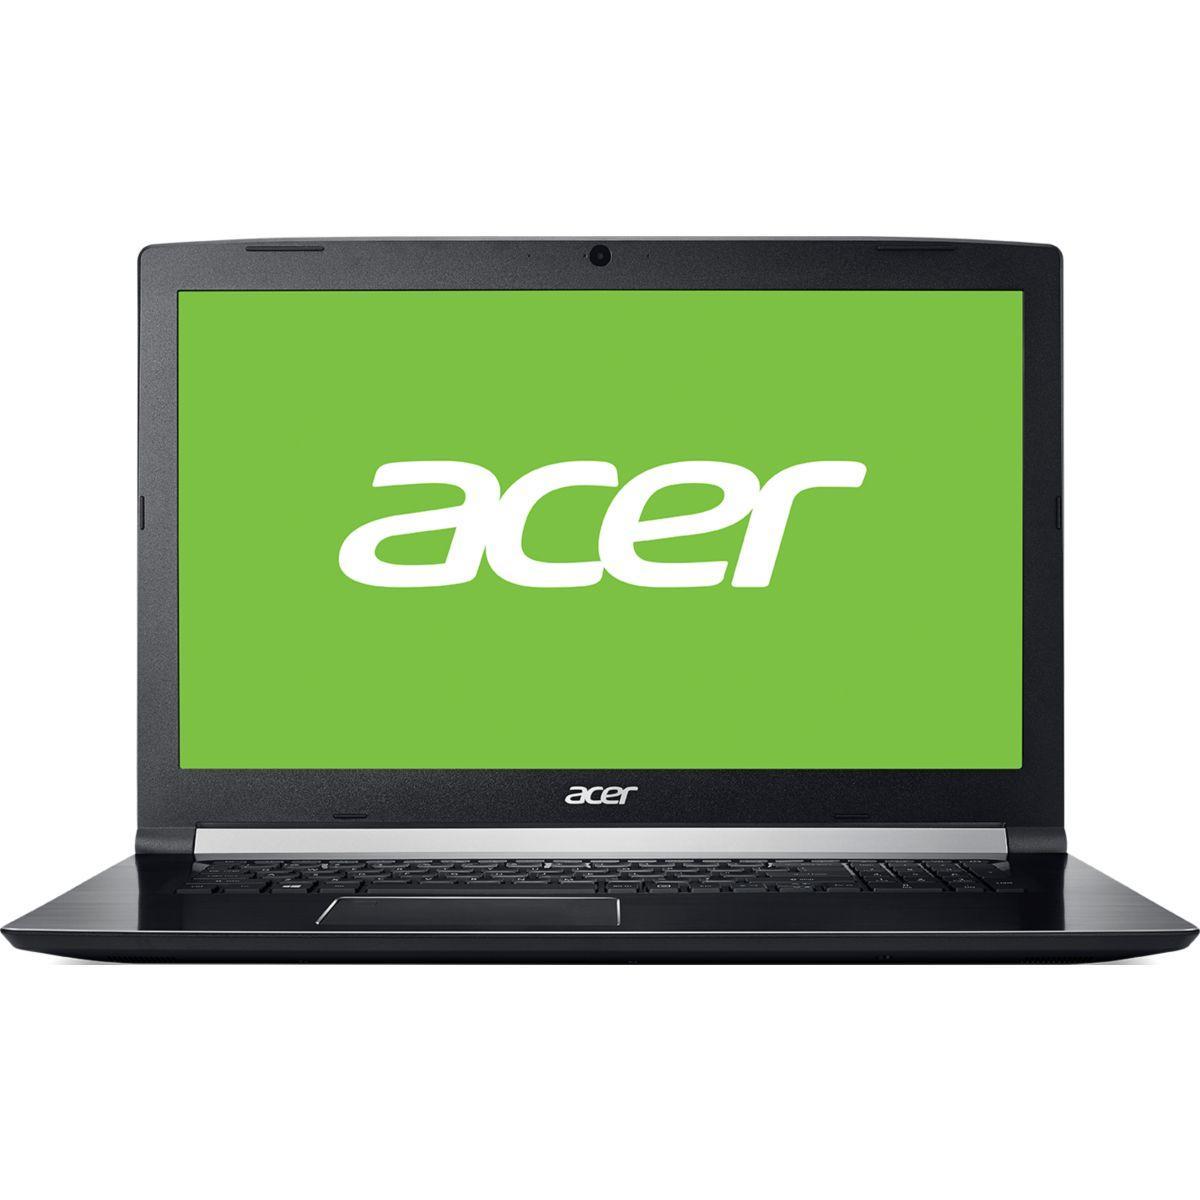 Portable acer aspire a717-71g-76um - livraison offerte avec le code nouveaute (photo)